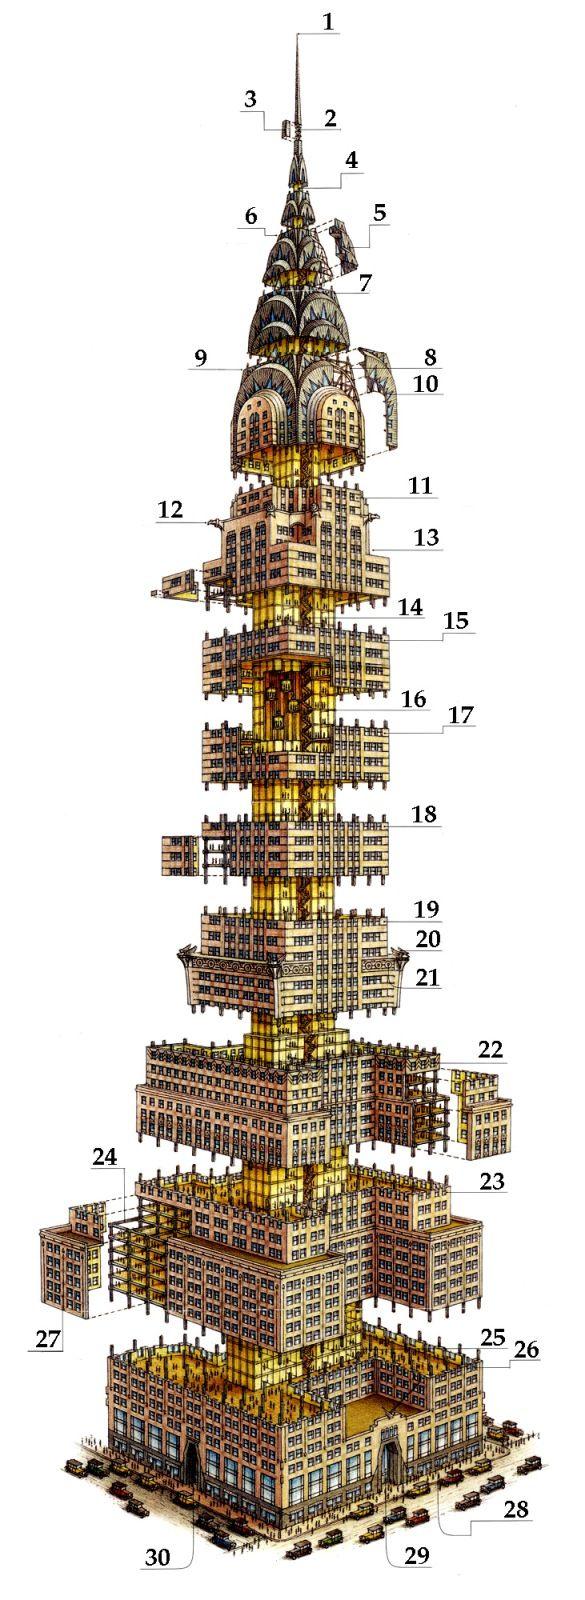 Самый высокий небоскреб в мире - Крайслер-билдинг. Крайслер-билдинг должен был стать ни много ни мало самым высоким небоскрёбом в мире!